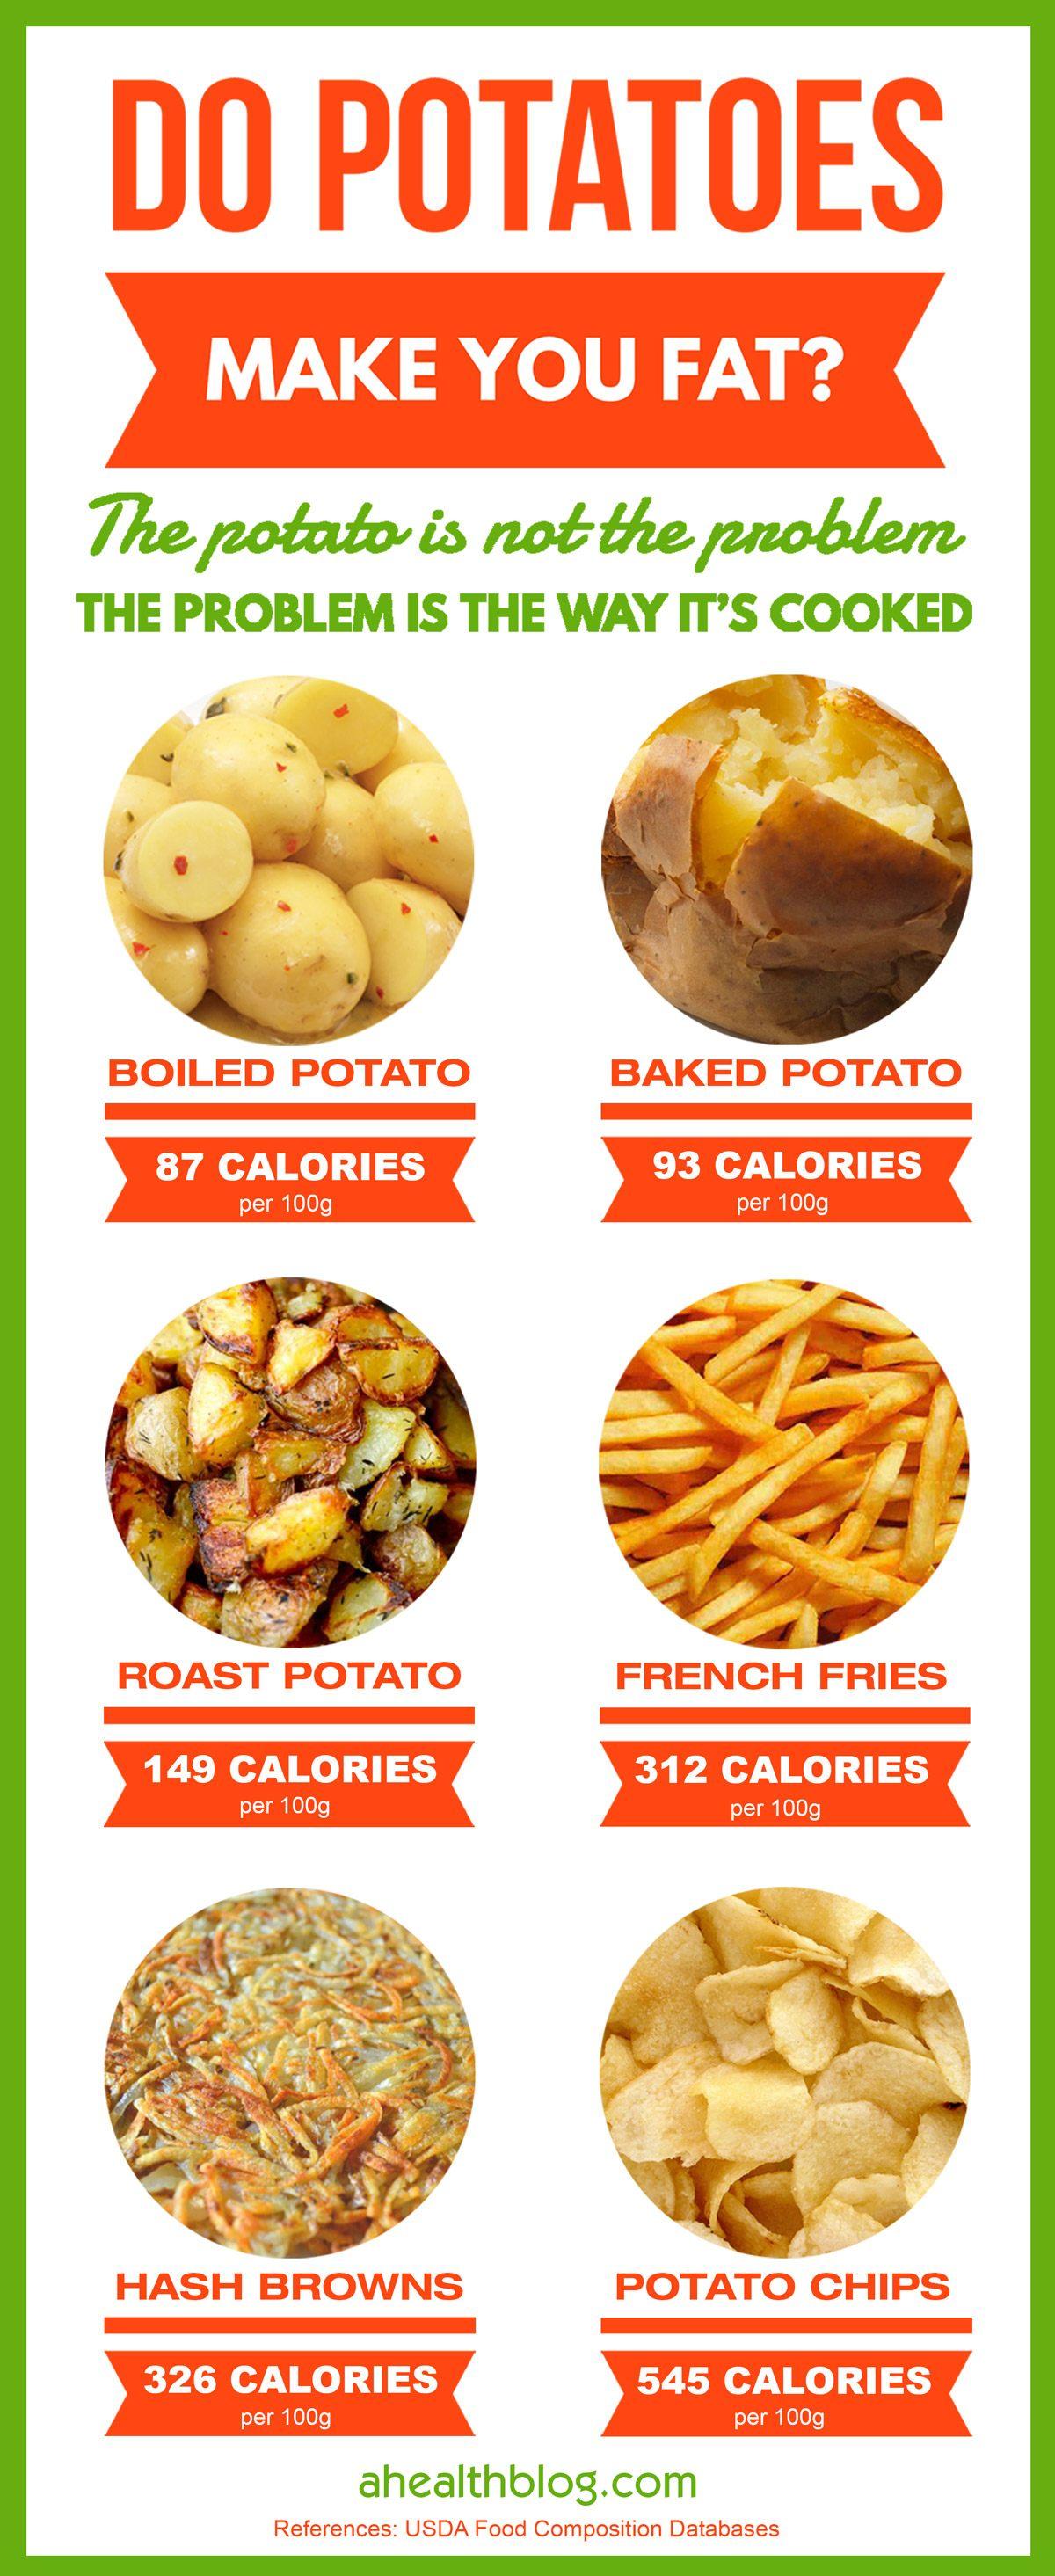 Do Potatoes Make You Fat